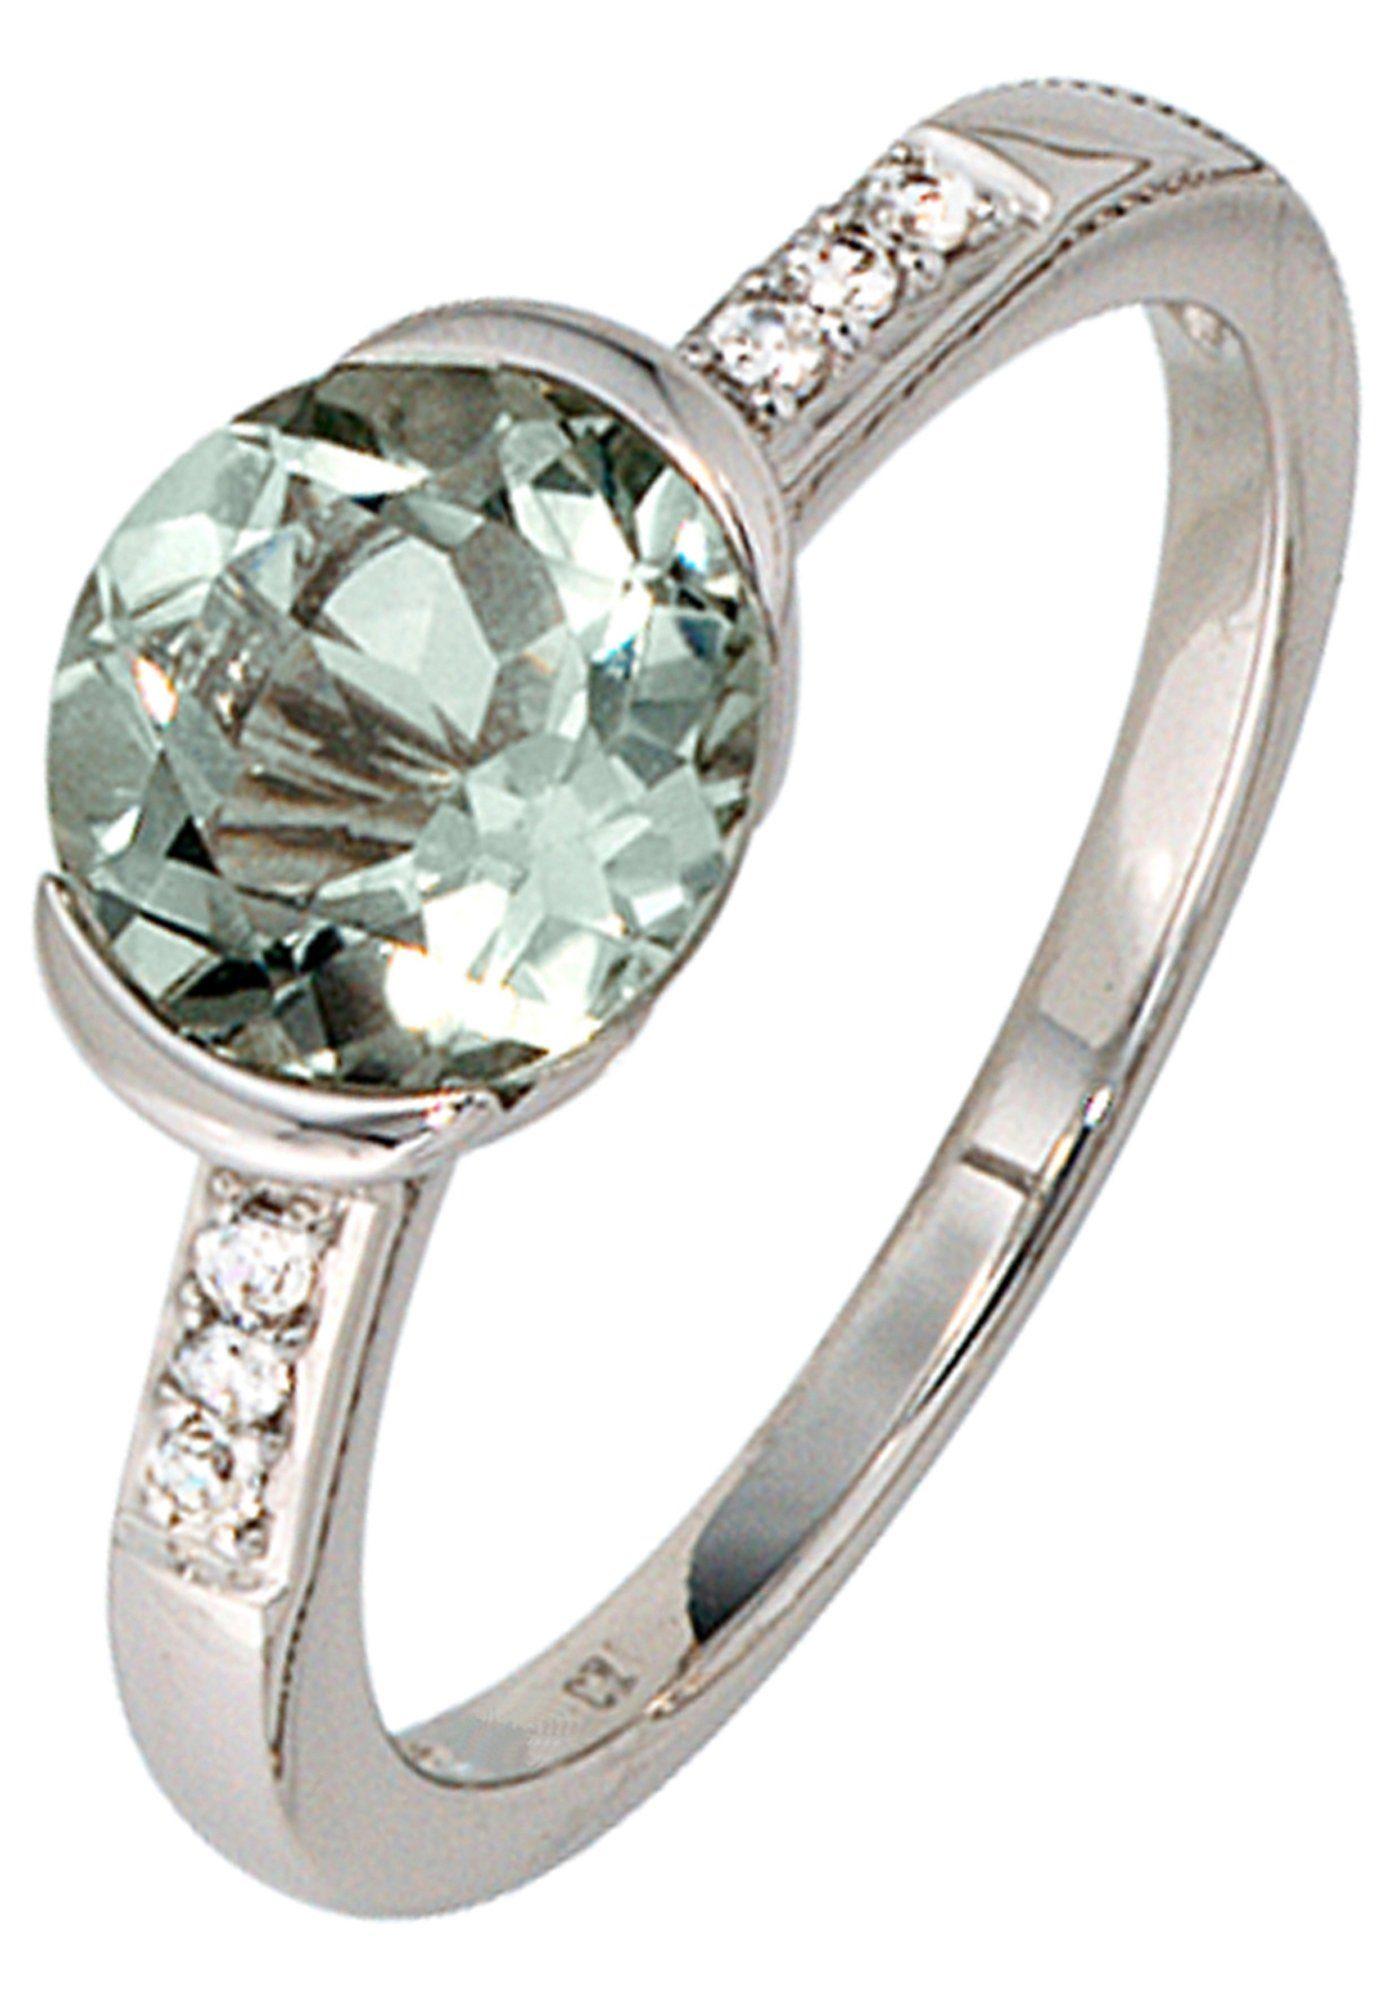 Amethyst Jobo Kaufen 6 Und Diamantring Mit Diamanten Online 585 Weißgold 5j4Lq3cAR